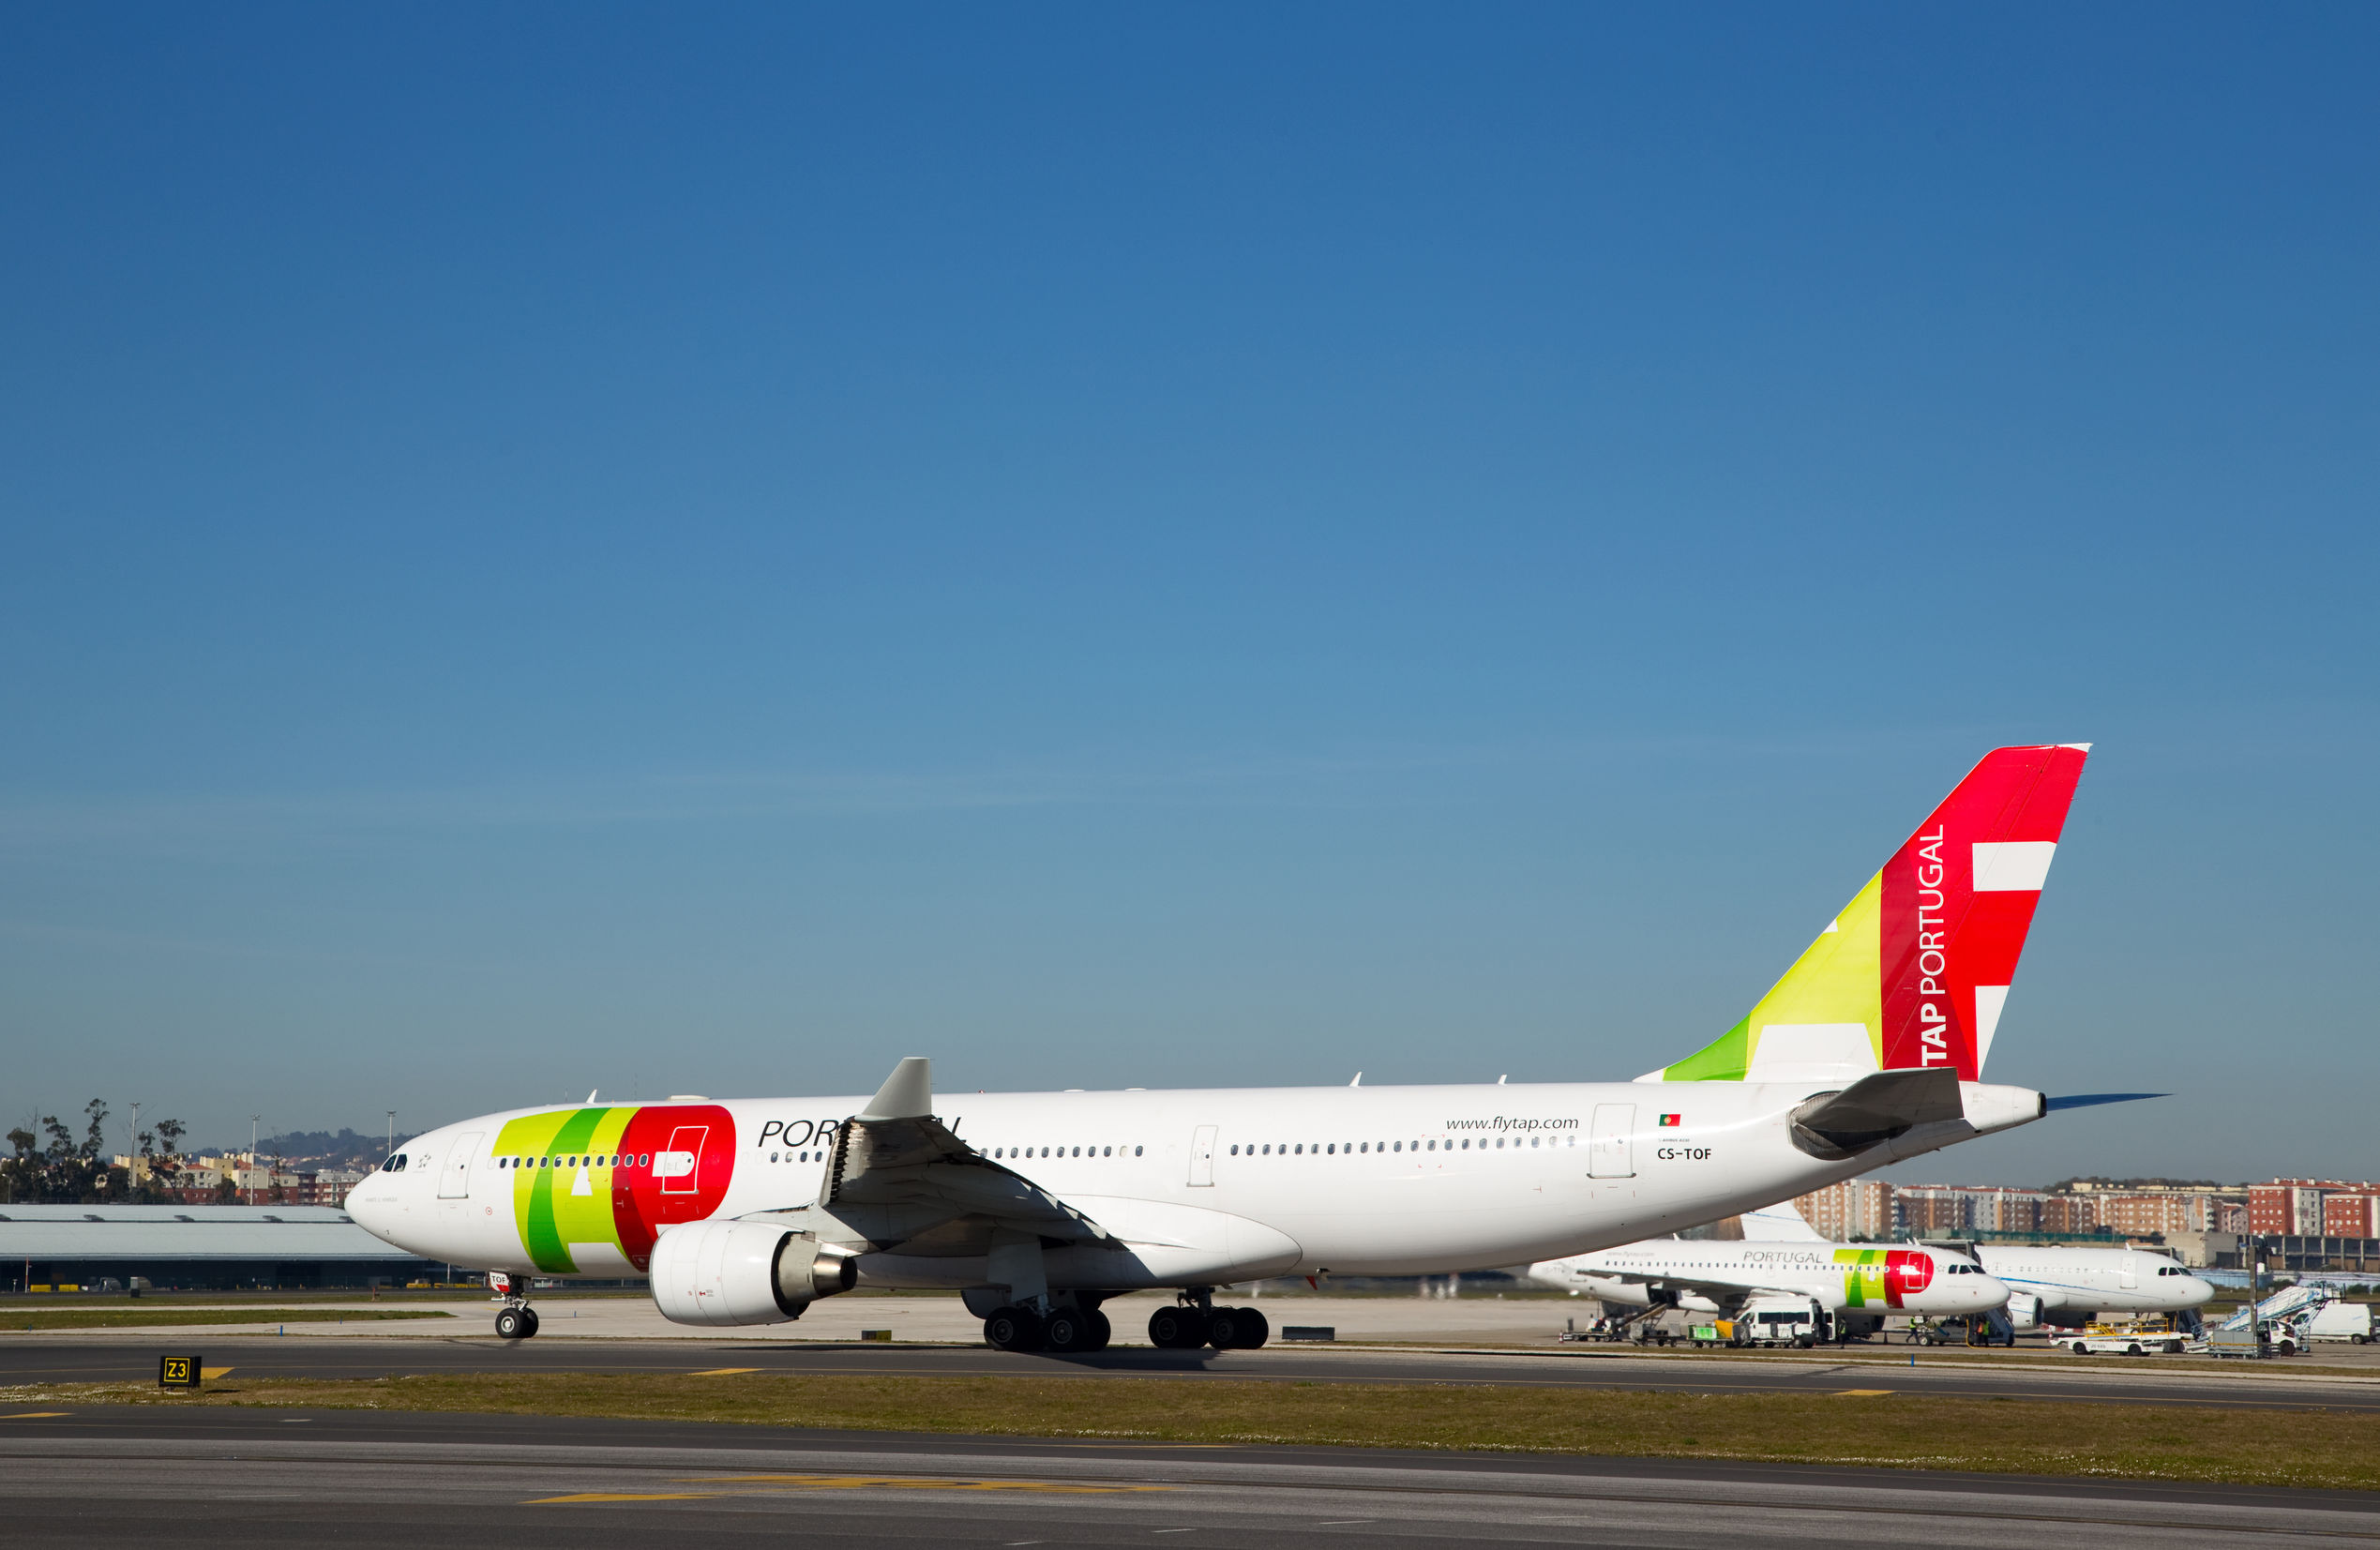 Mai mulţi români reclamă că sunt ţinuţi în Lisabona, după ce zborul a fost anulat fără explicaţii / 35 de turişti care aşteaptă în capitala Portugaliei se întorc în seara aceasta, în Bucureşti / Reacţia MAE